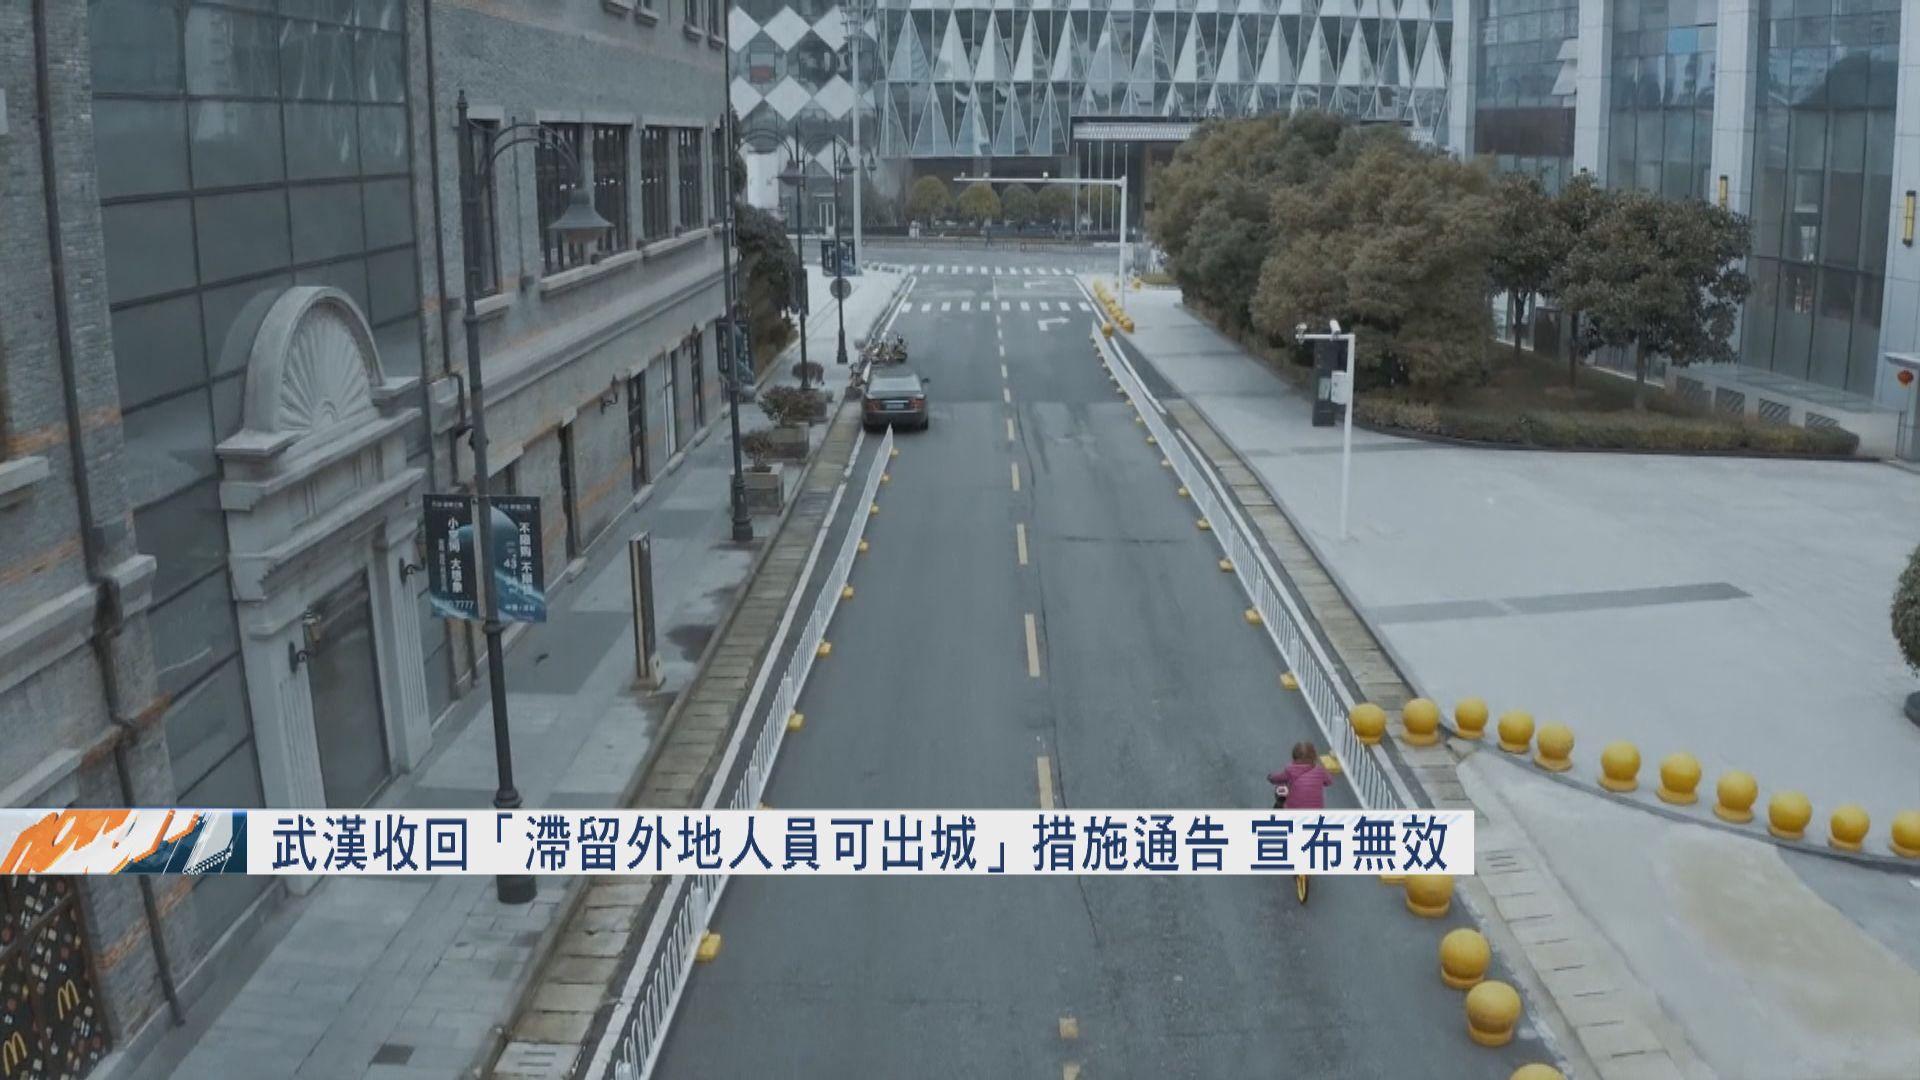 武漢收回「滯留外地人員可出城」措施通告 宣布無效